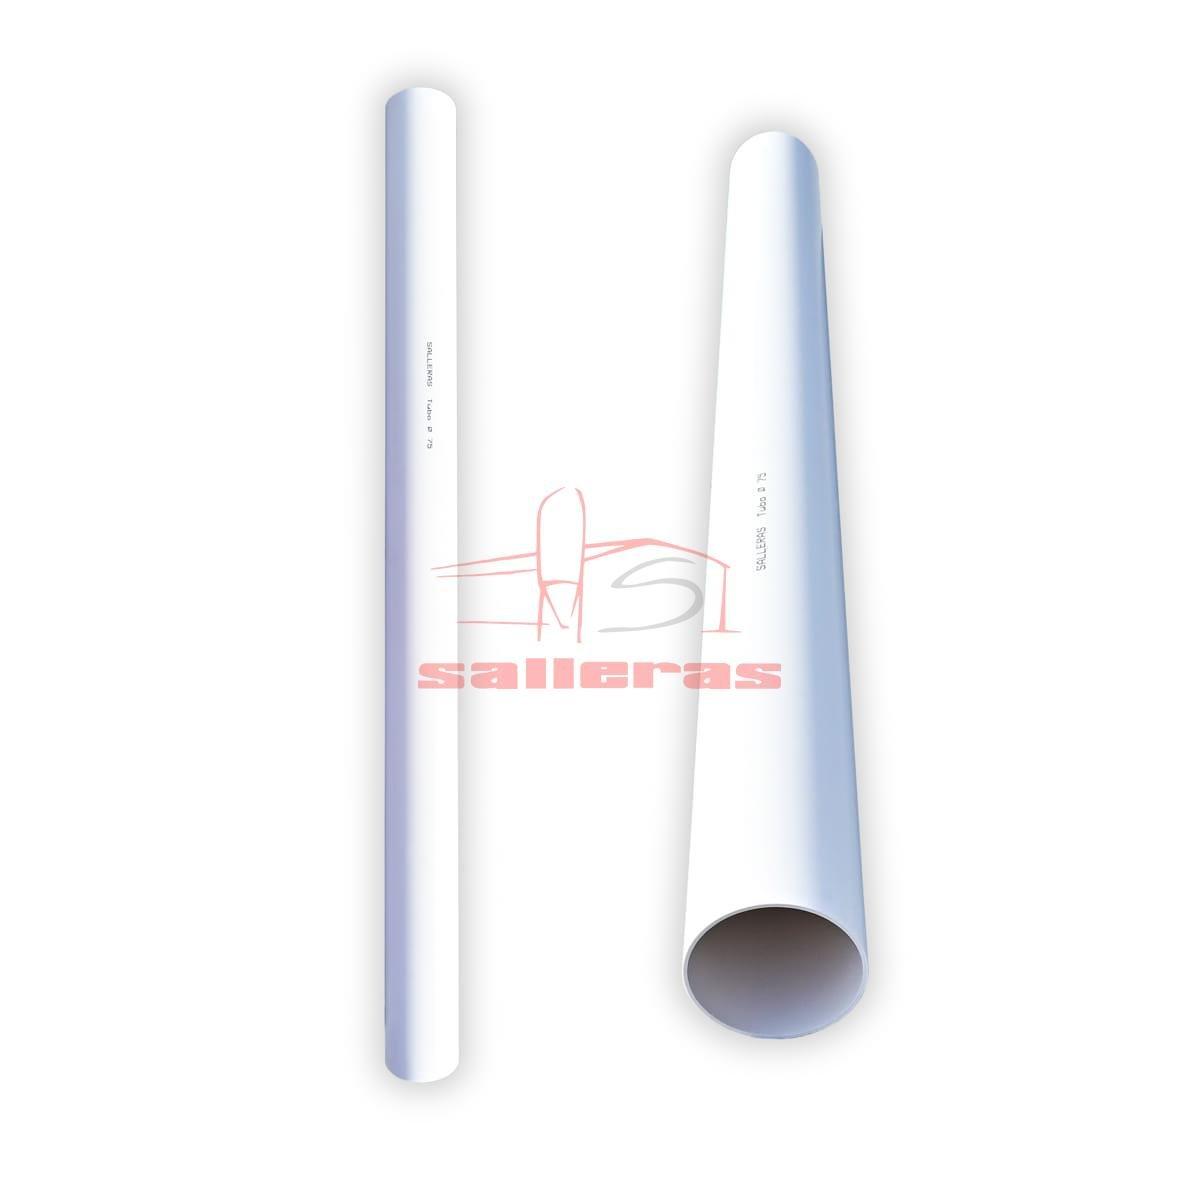 Dos tubos de PVC blancos tamaño 75